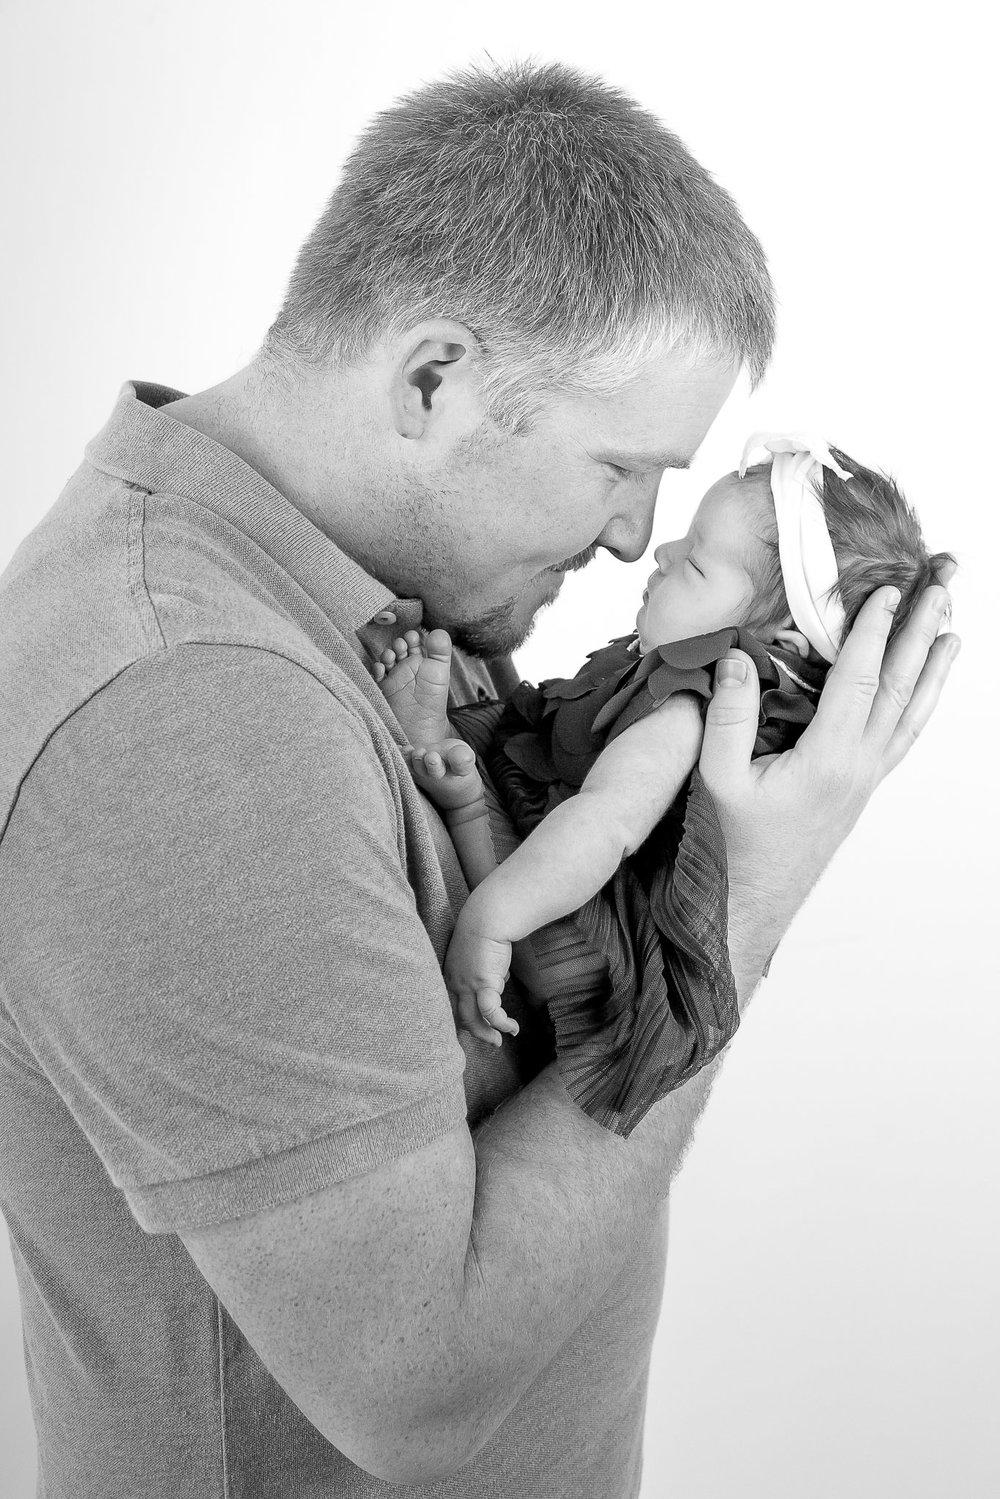 Modert Newborn - WEBSITE-2-6.jpg